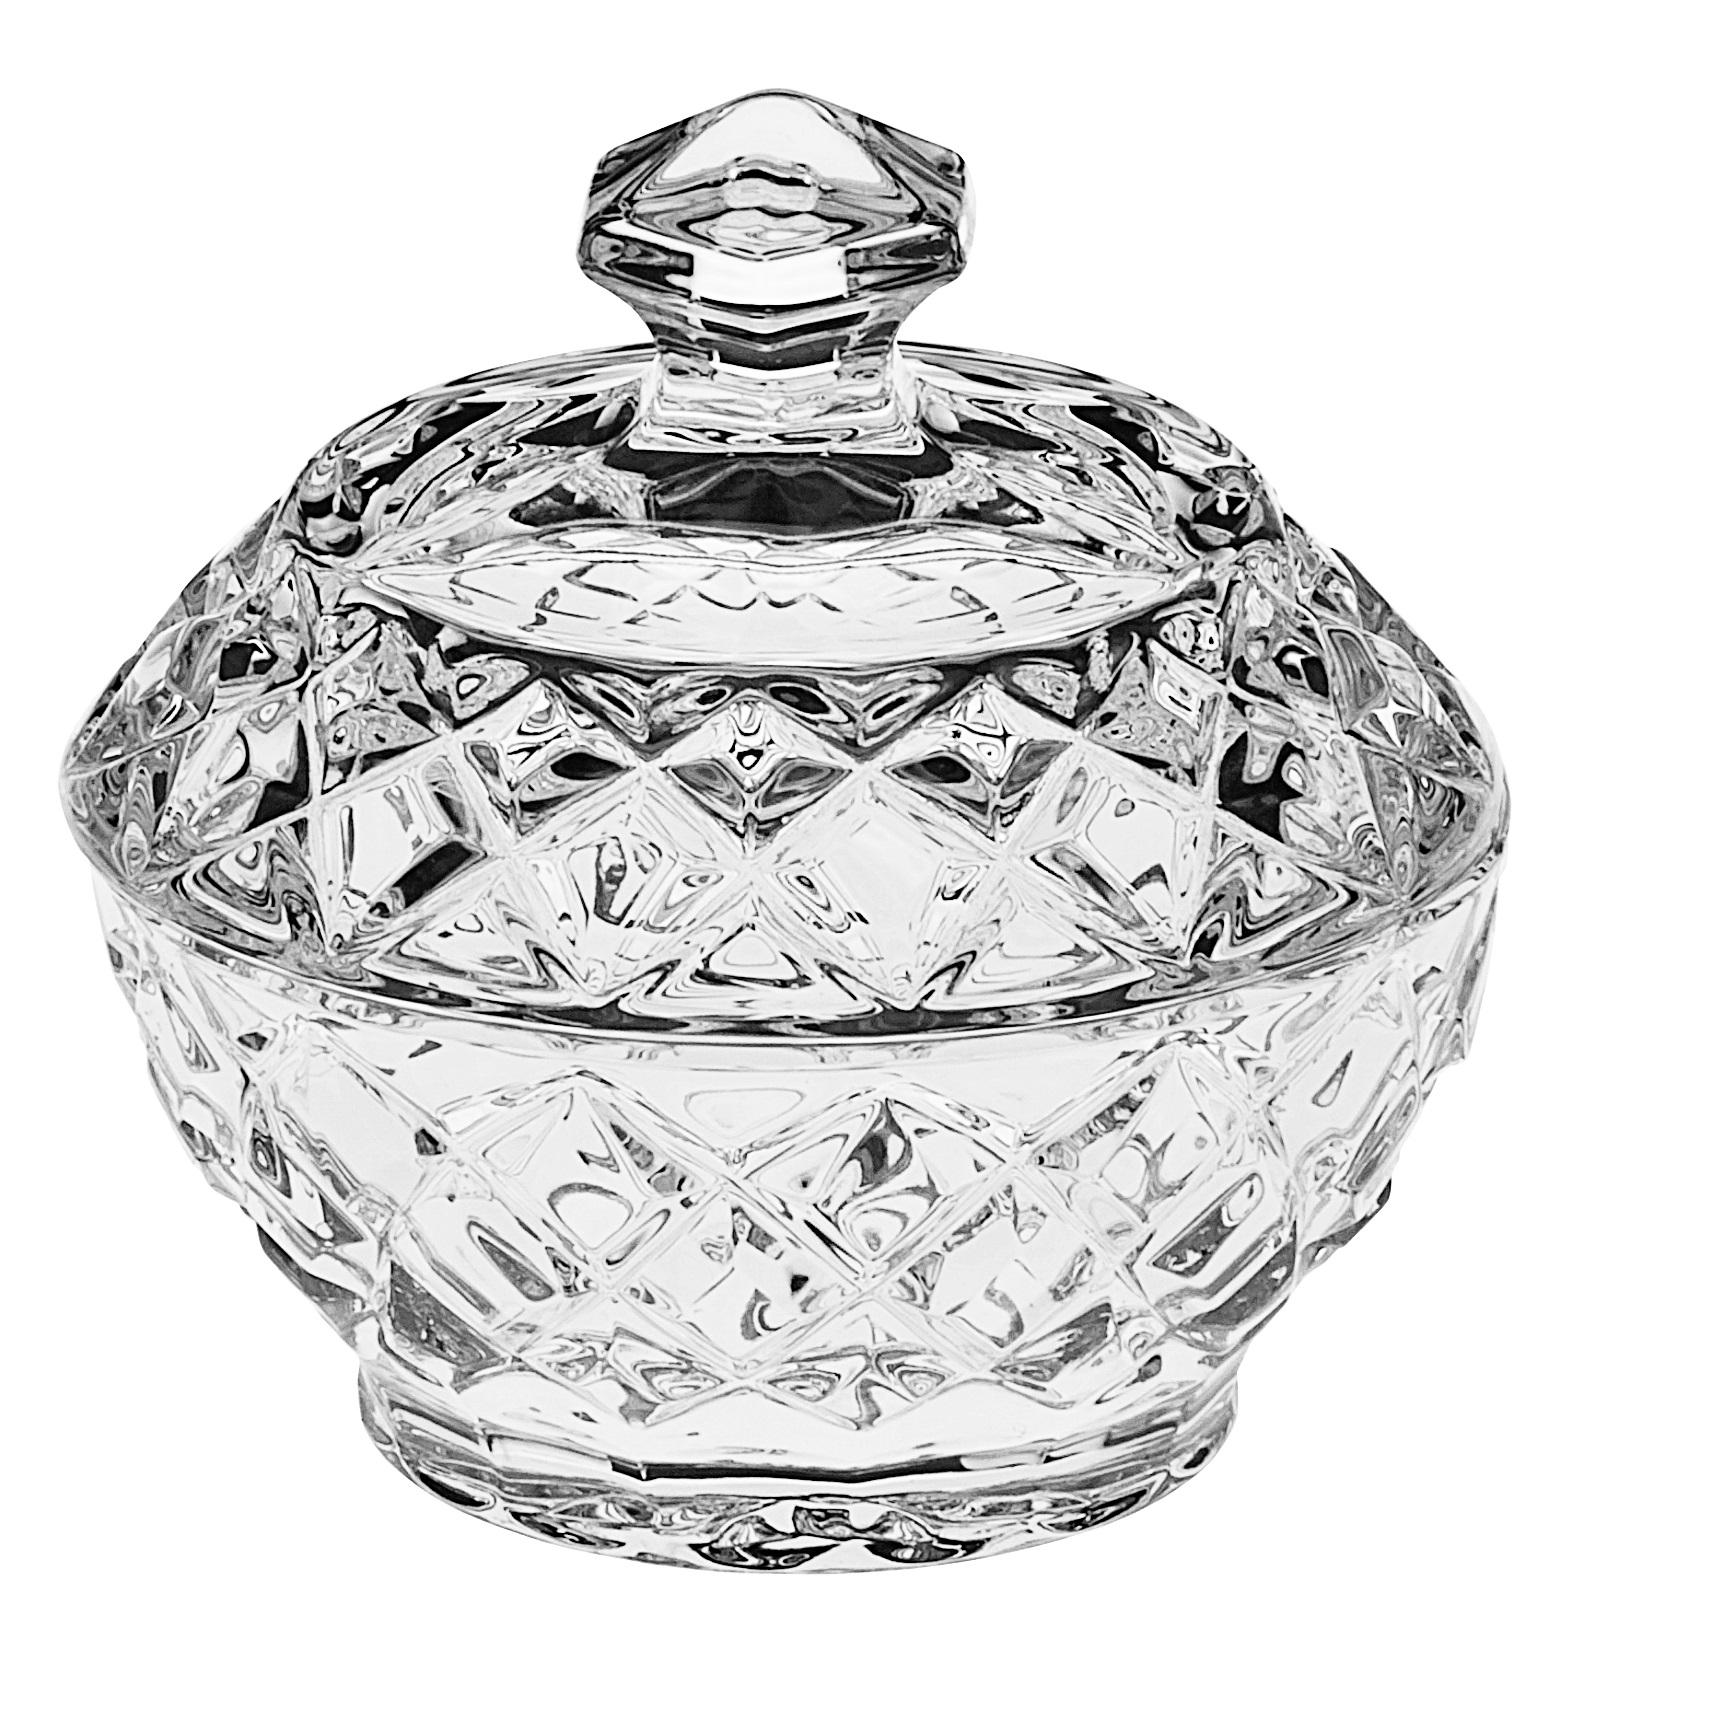 """Доза для сахара """"Diamond"""", 9,6 см, Хрусталь"""